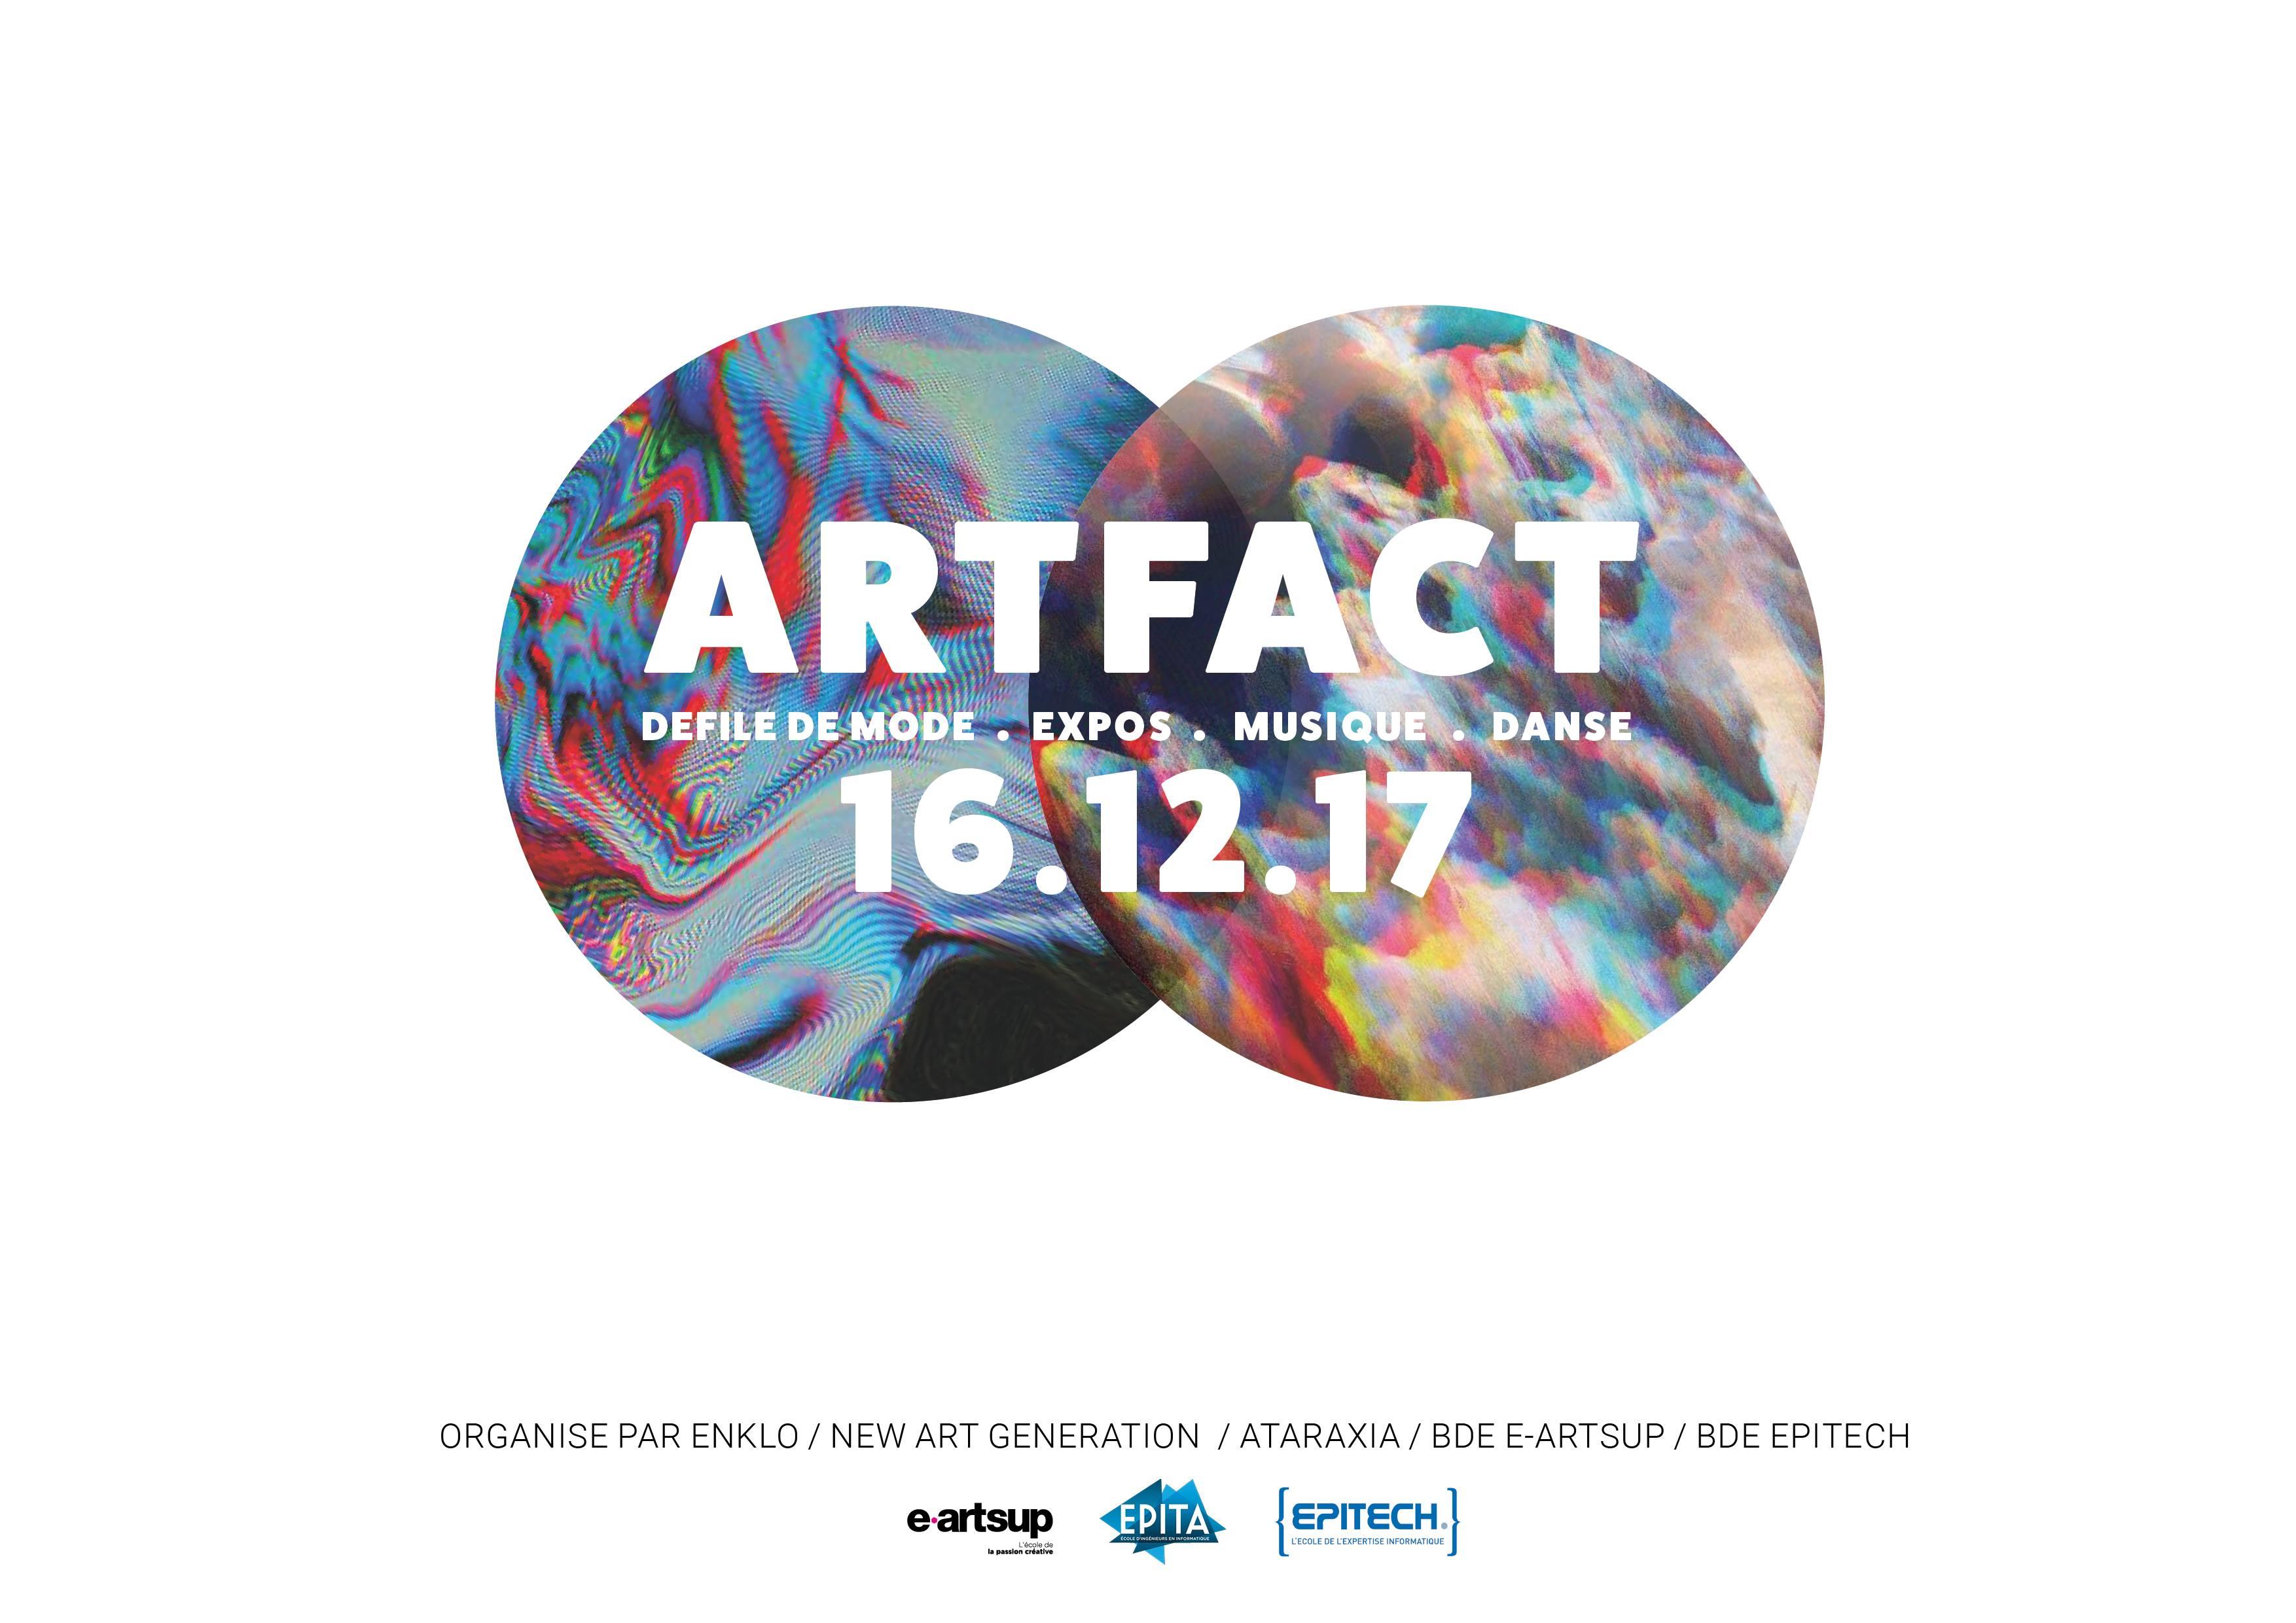 Art'Fact